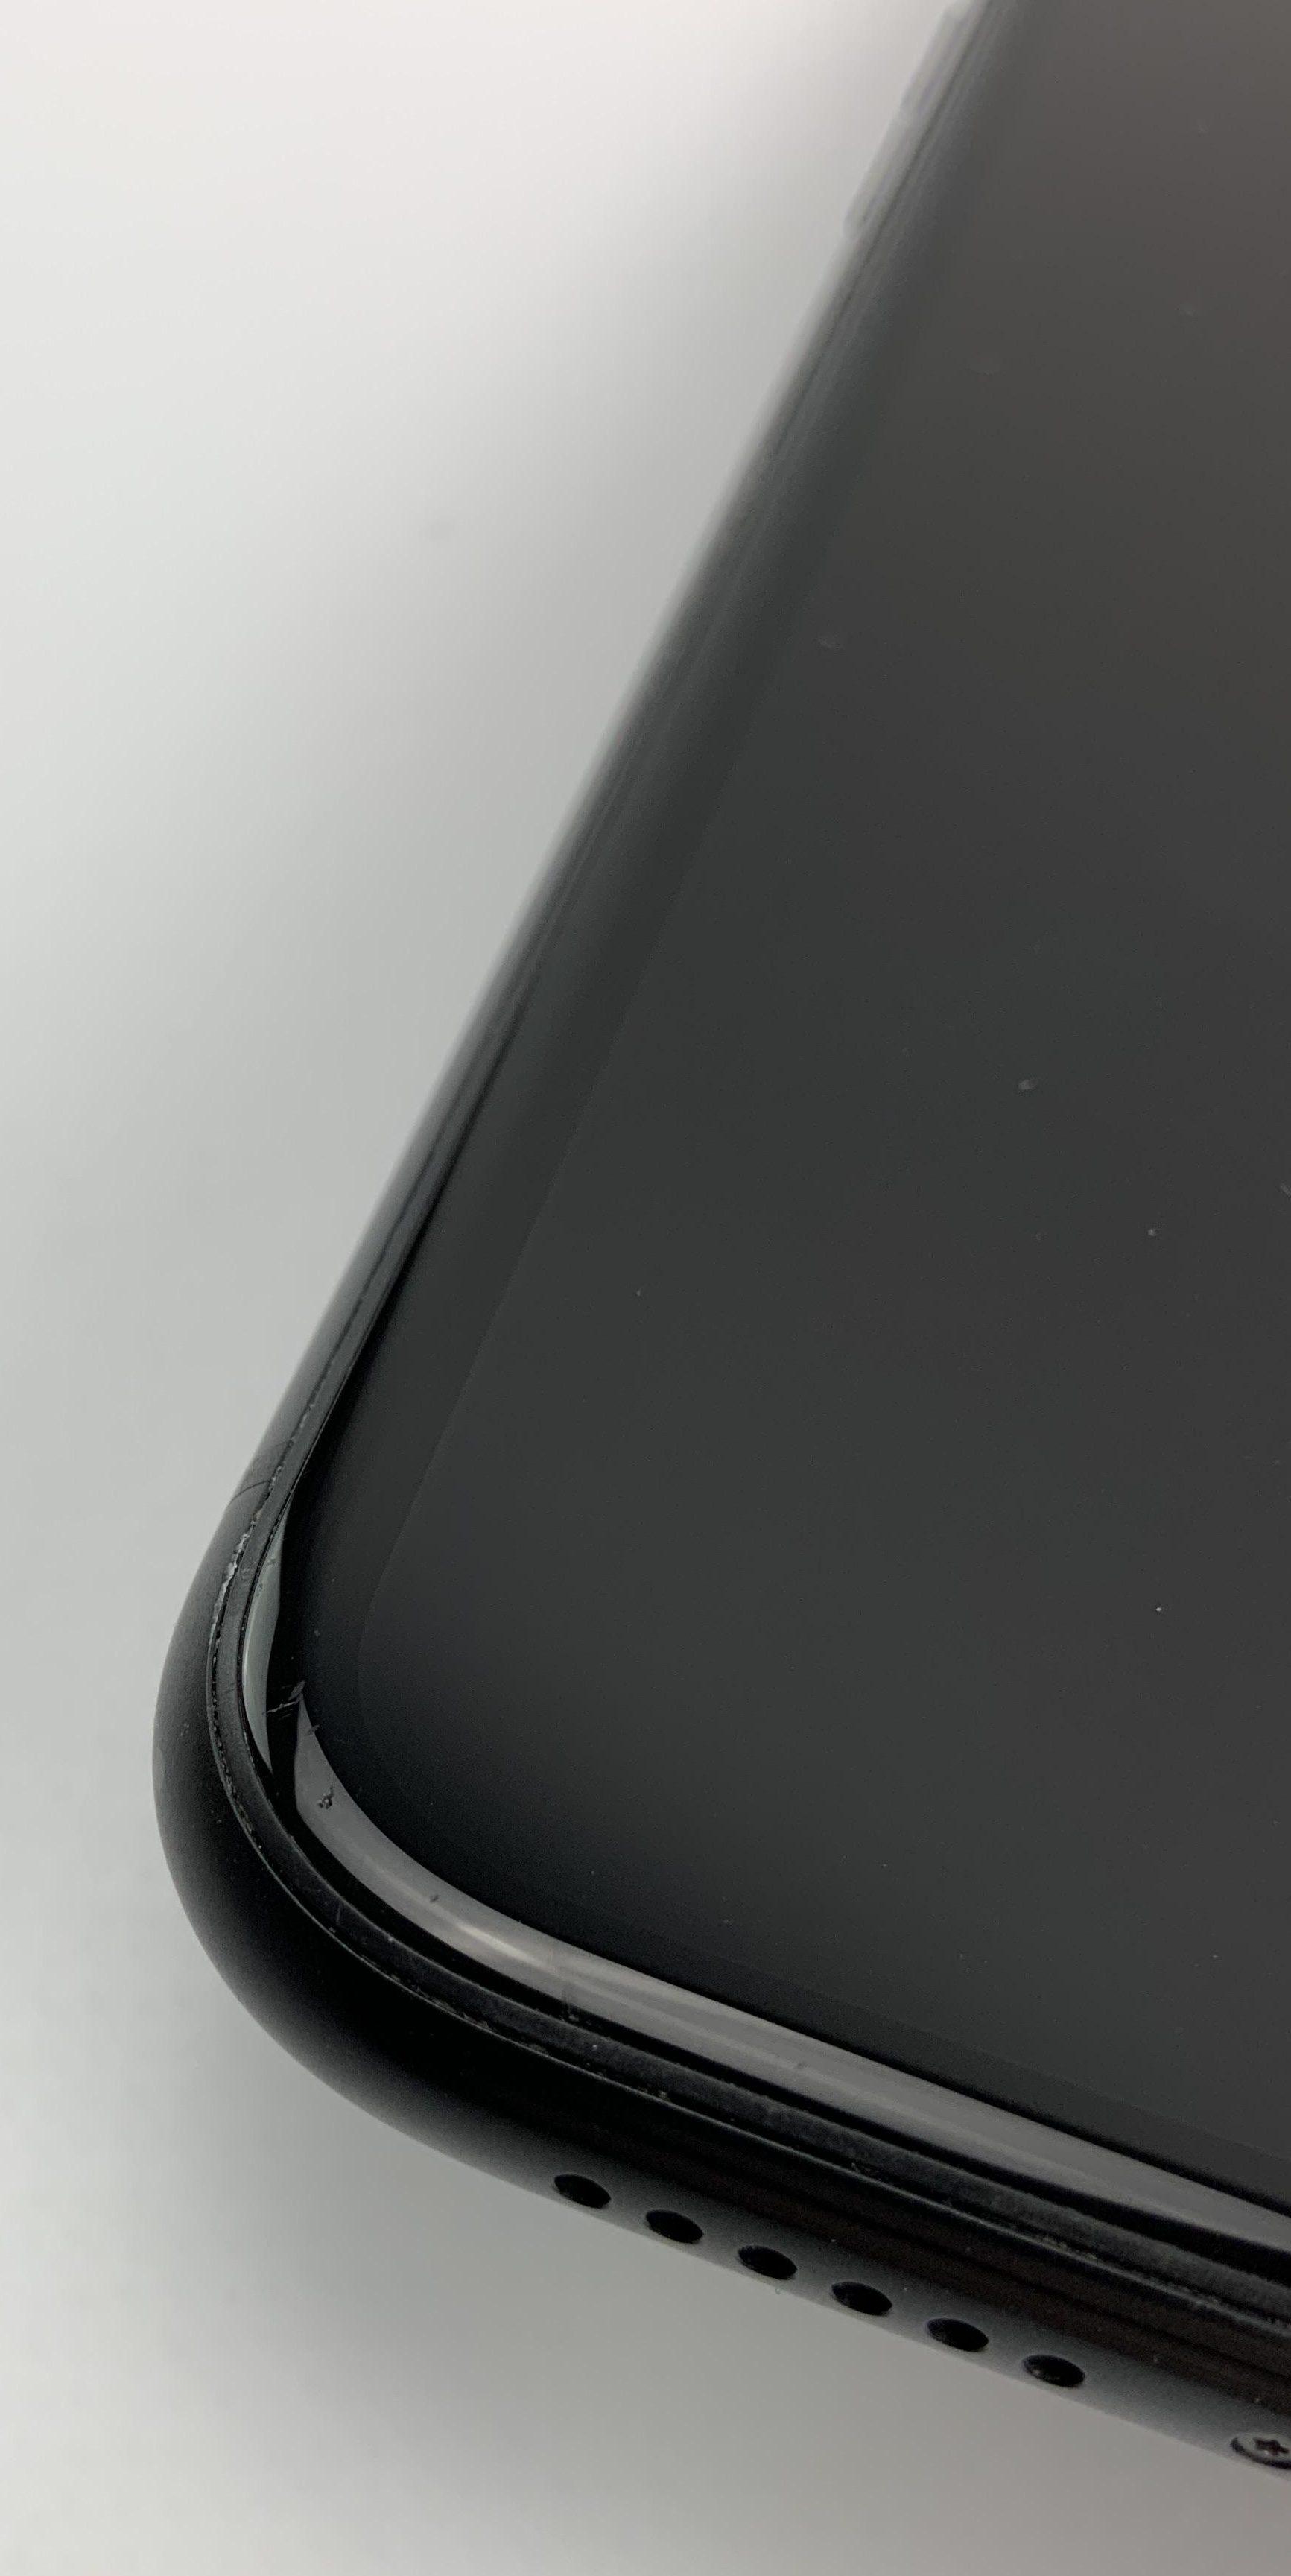 iPhone XR 64GB, 64GB, Black, Bild 3